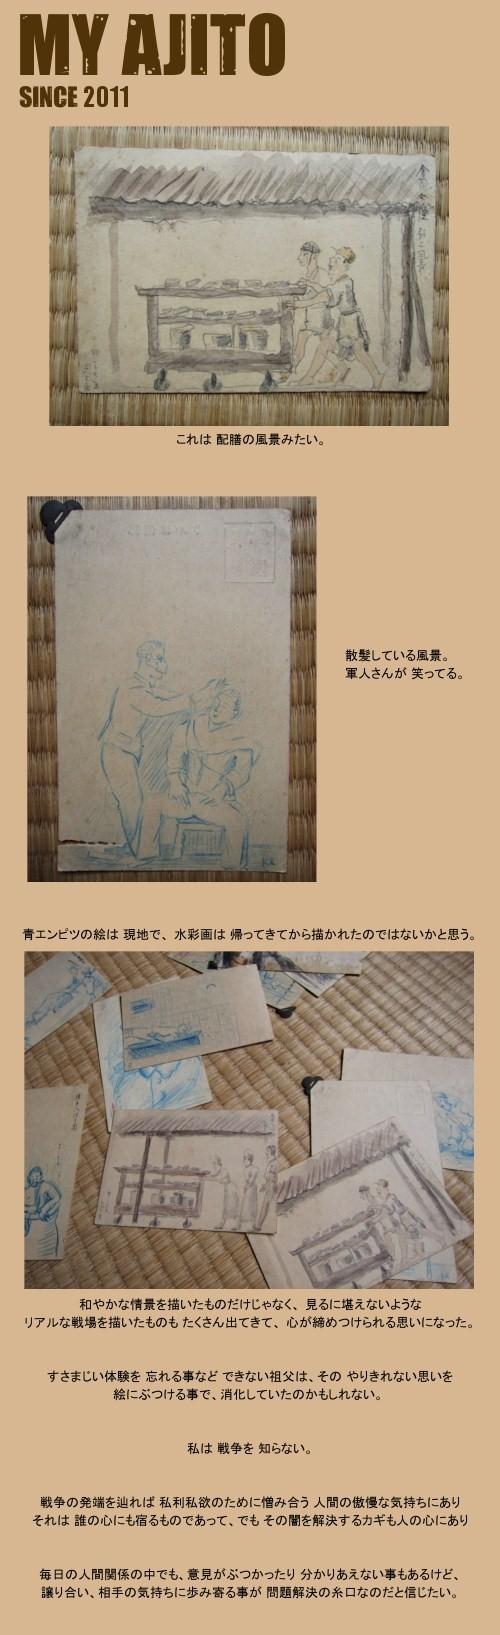 JII_06.jpg